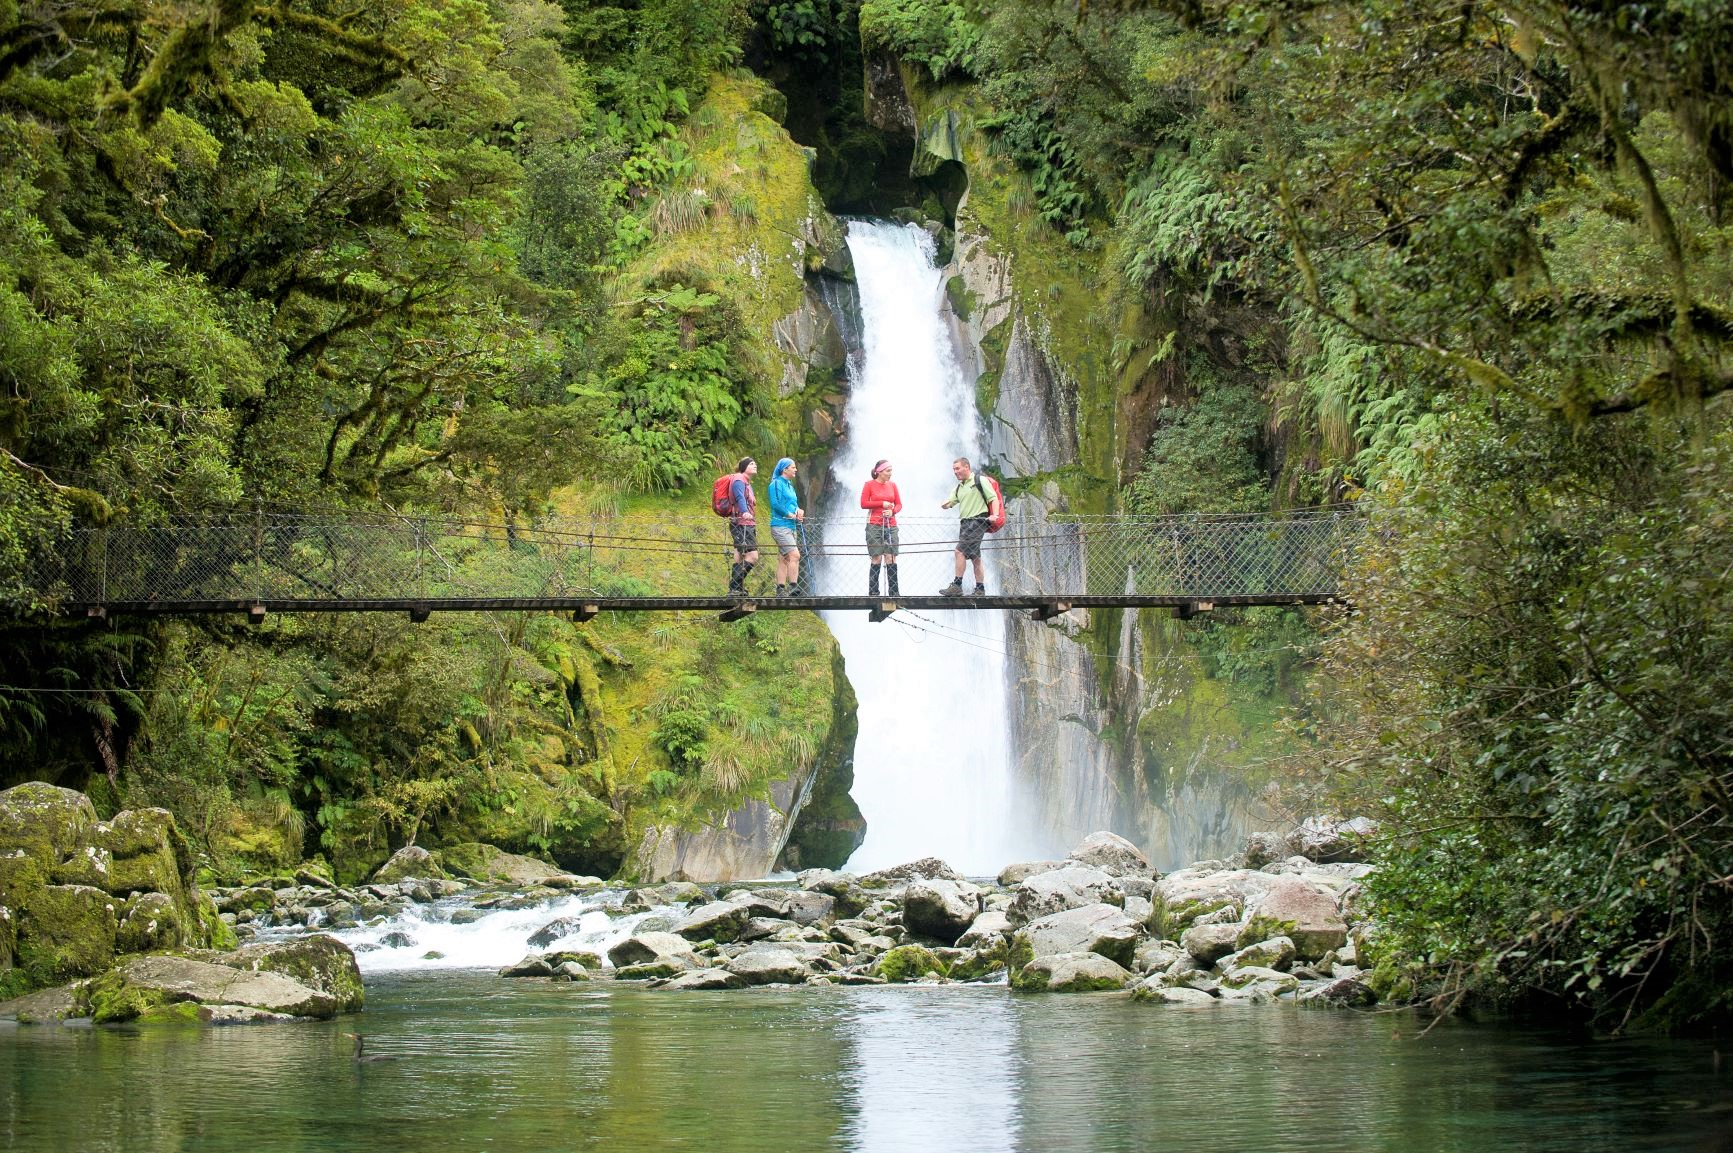 ジャイアント・ゲート滝まで往復する(3日目)